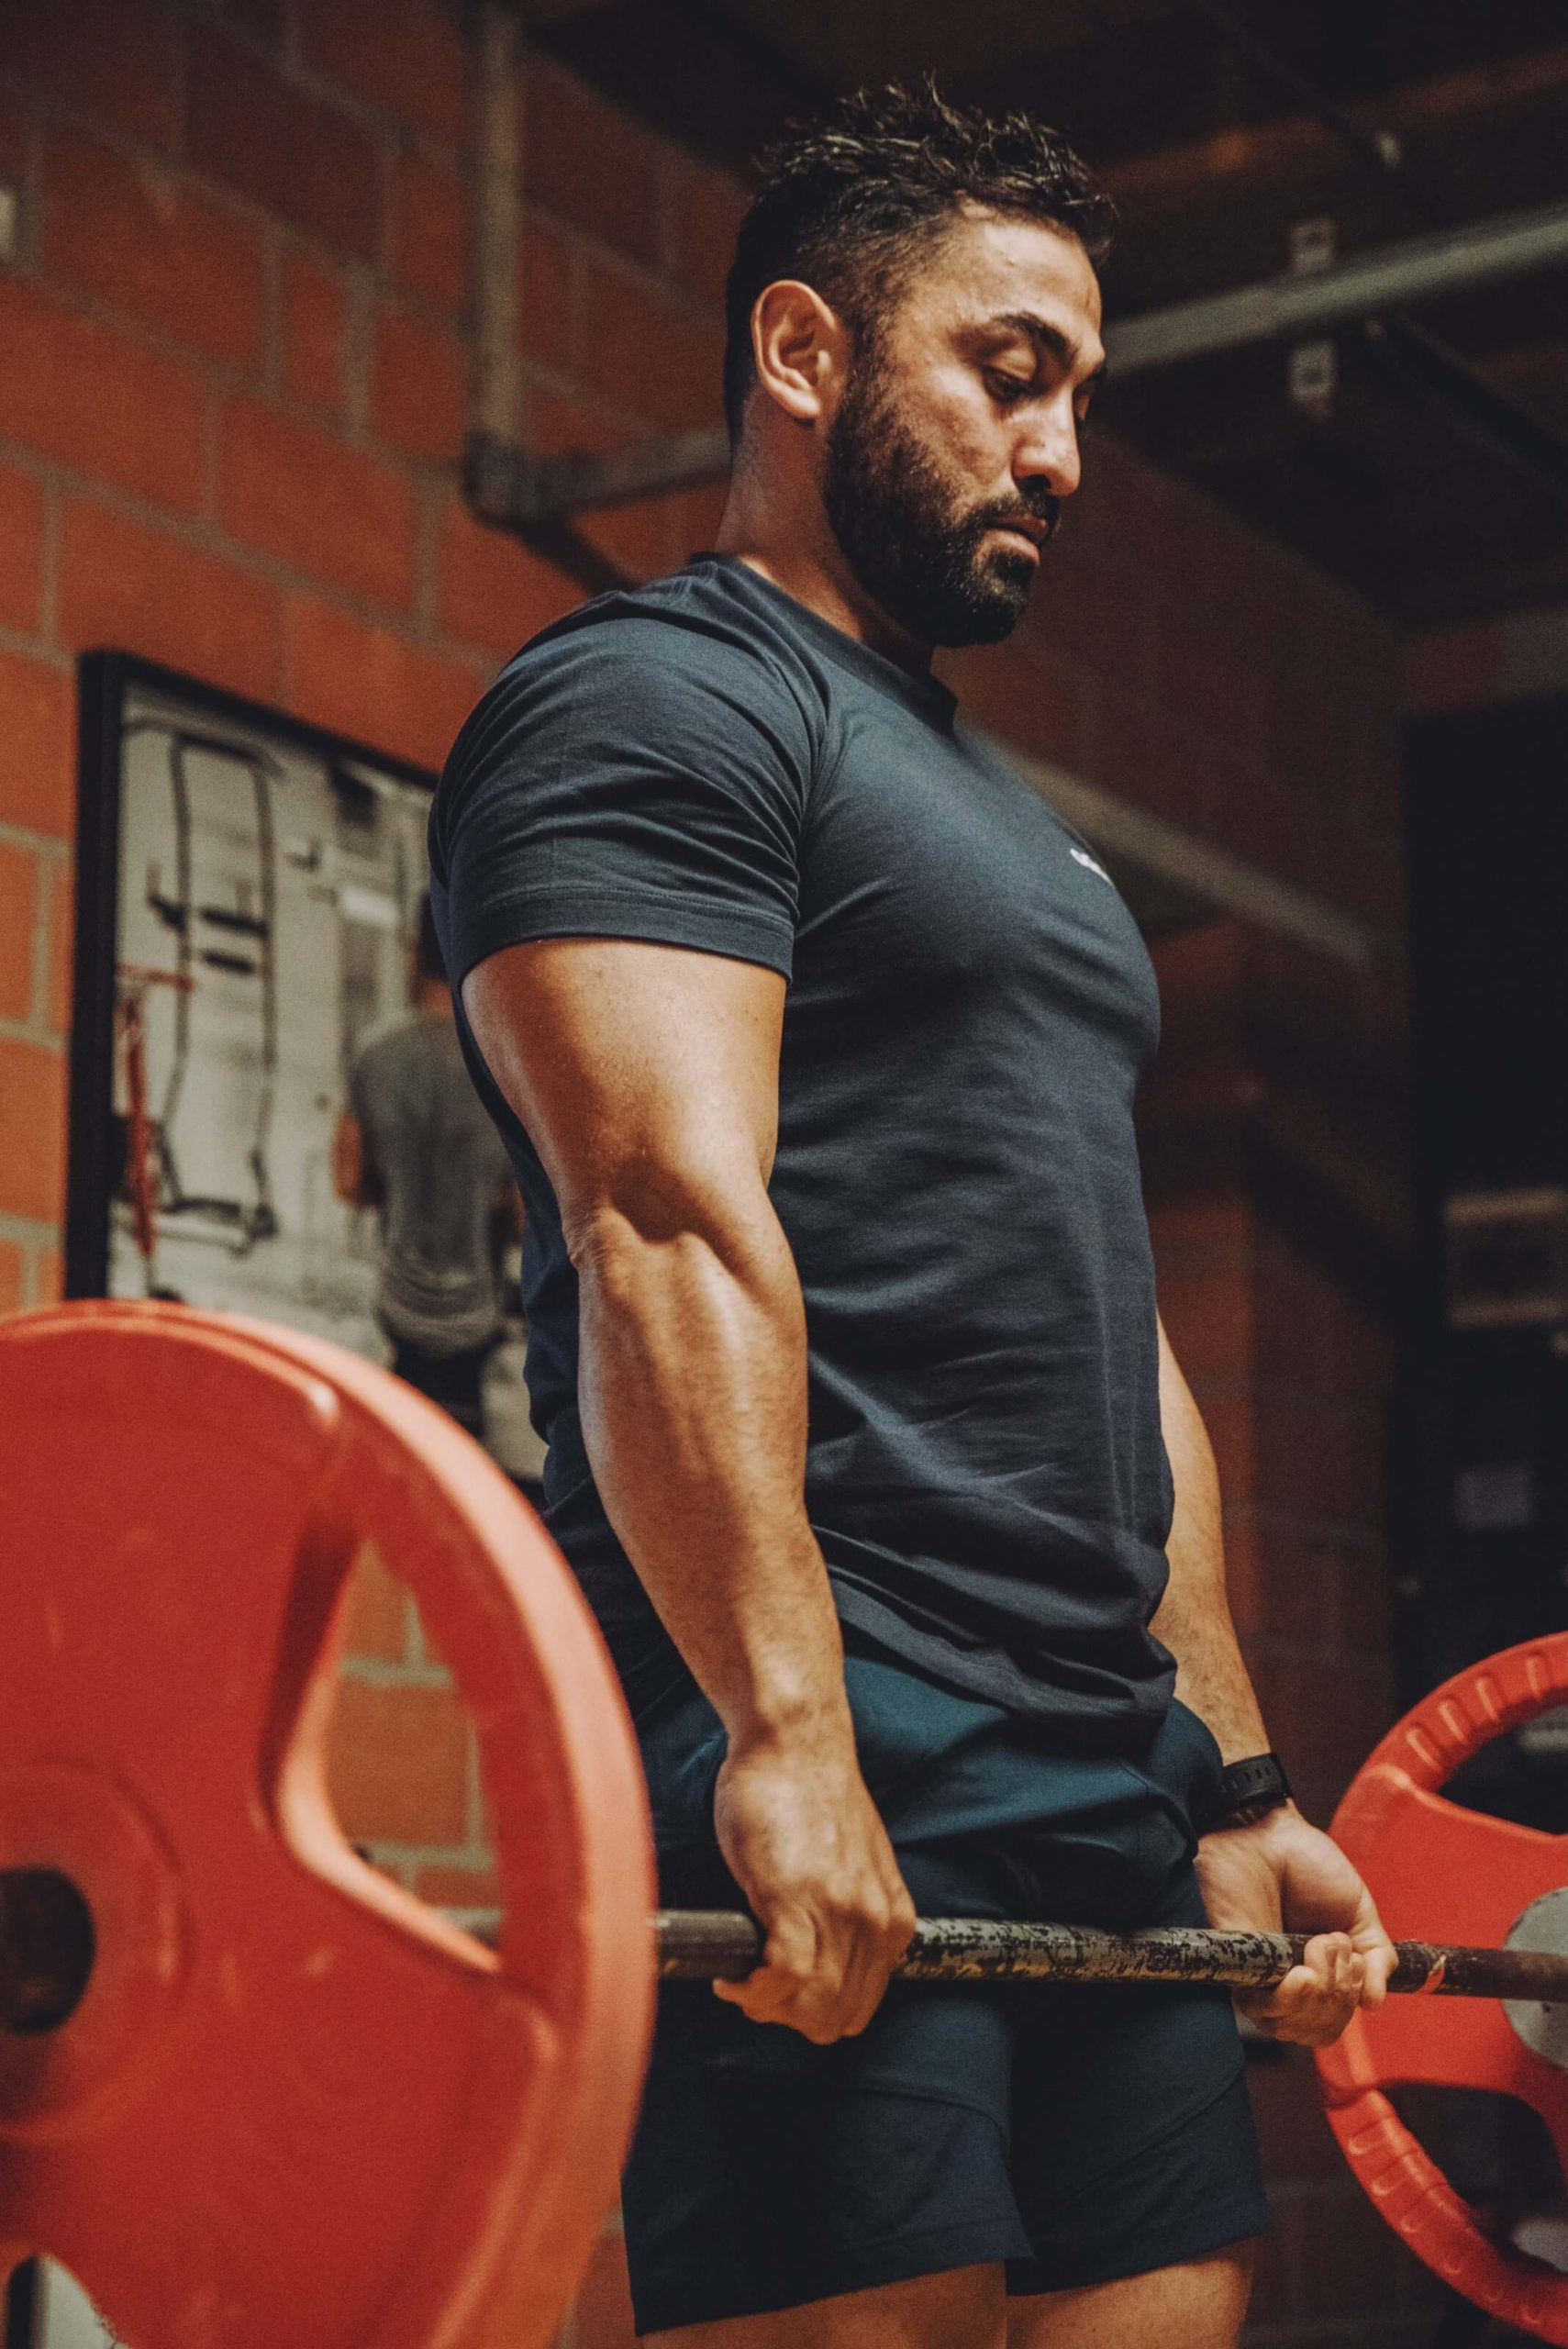 Lifting straps: de beste accessoires voor bodybuilders en powerlifters